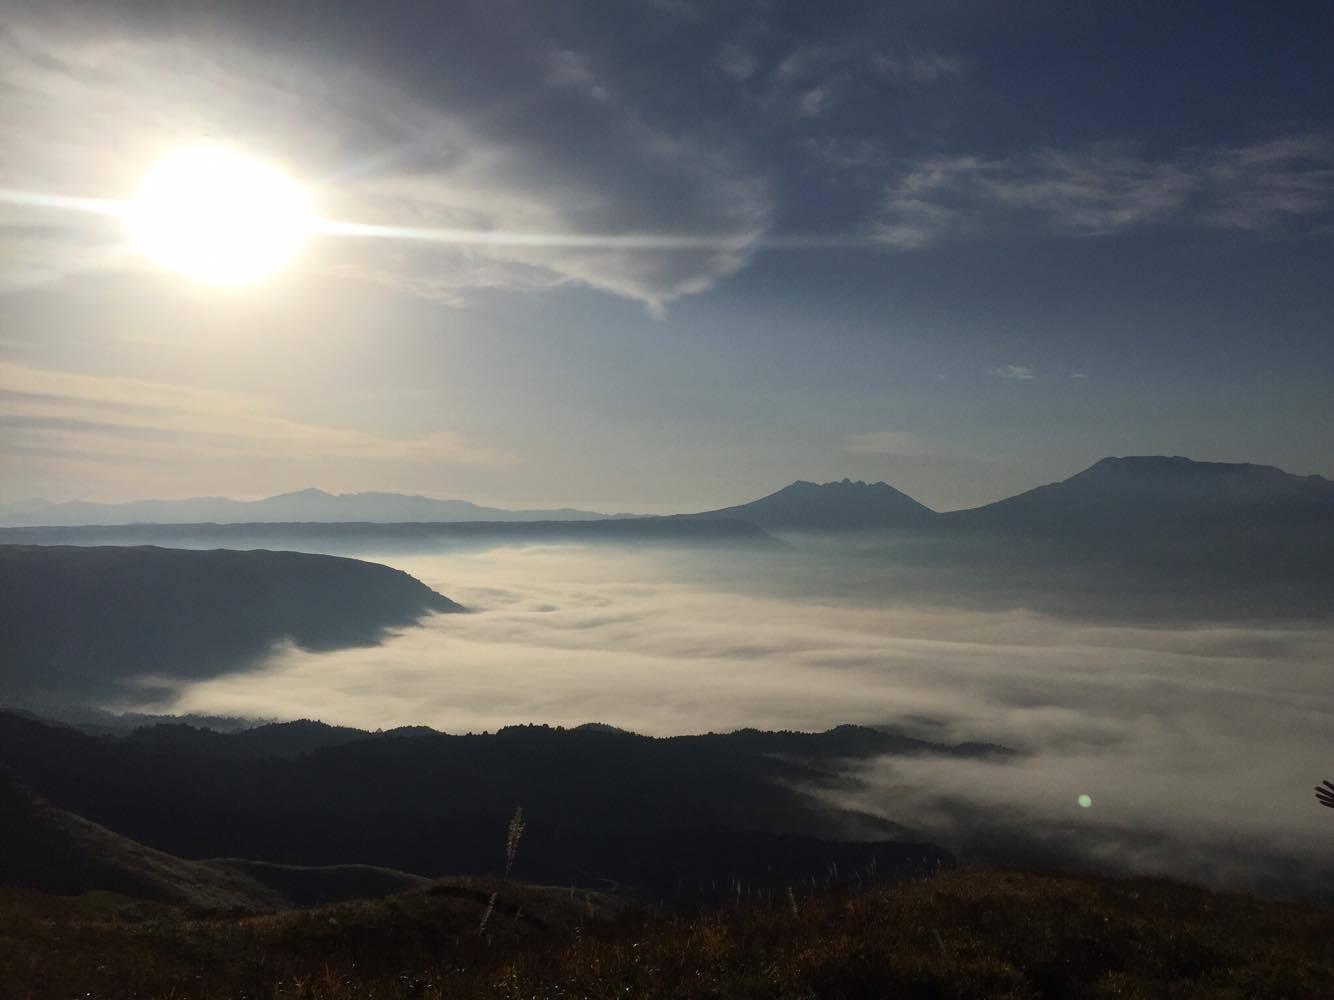 「熊本をトレランで盛り上げよう! 阿蘇復興支援トレイルランニングイベント」の画像